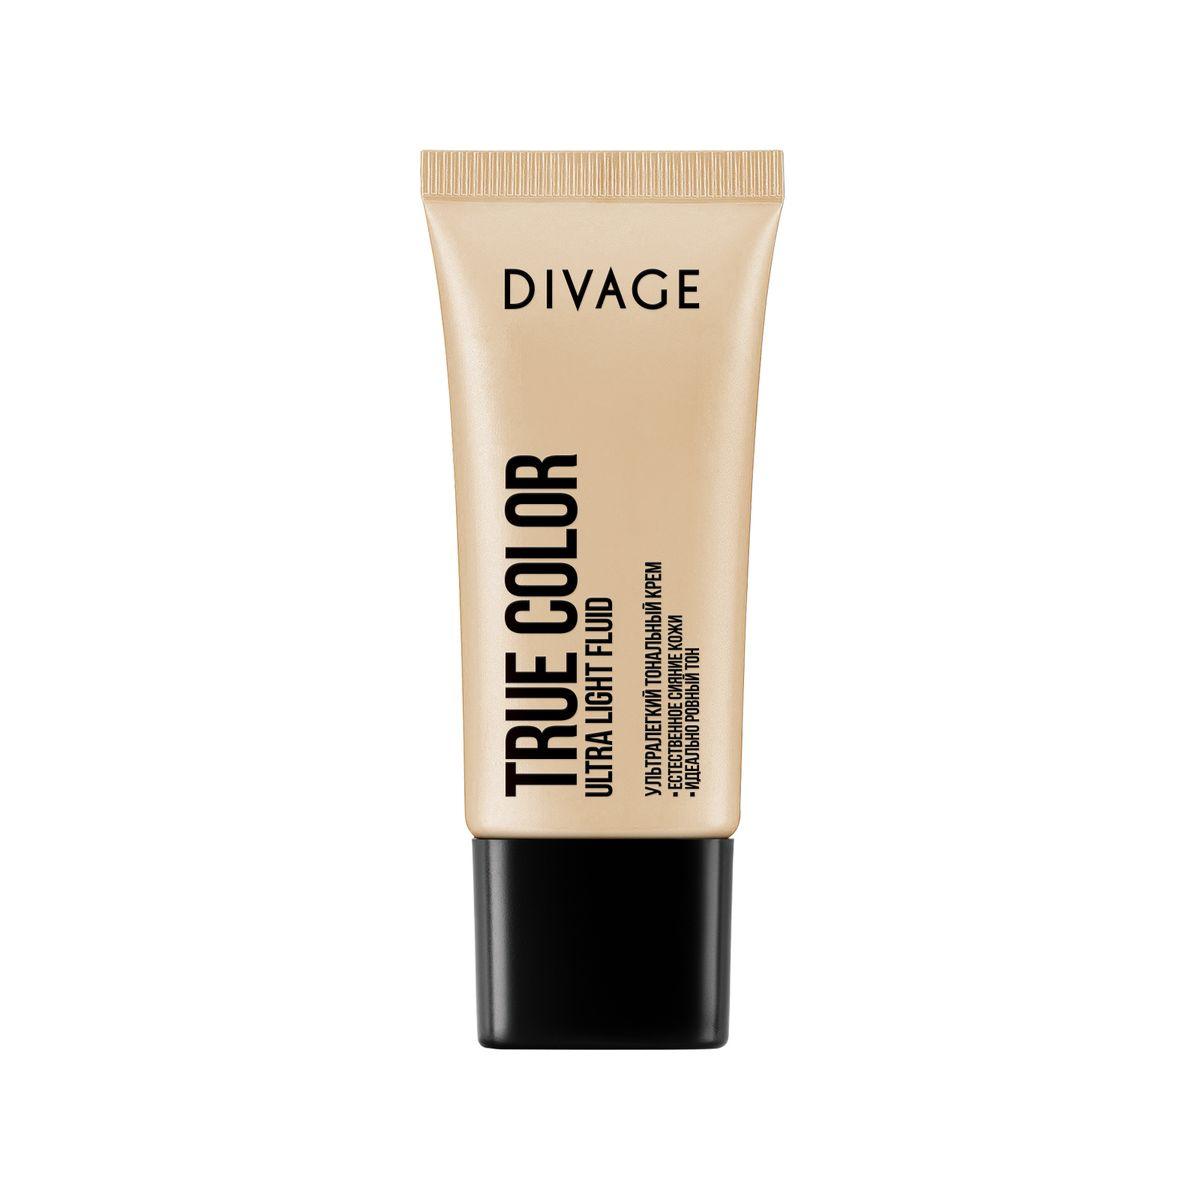 DIVAGE Тональный крем TRUE COLOR, тон № 02, 30 мл219586Невидимая и лёгкая тональная основа с прозрачной водянистой текстурой эффективно увлажняет и освежает кожу. Влага наполняет клетки и хорошо удерживается в поверхности кожи. Масло авокадо и витамины Е помогают клеткам кожи противостоять вредным воздействиям окружающей среды. Хорошо увлажнённая и защищённая кожа выглядит свежей, ухоженной и ровной без ощущения «маски на лице».